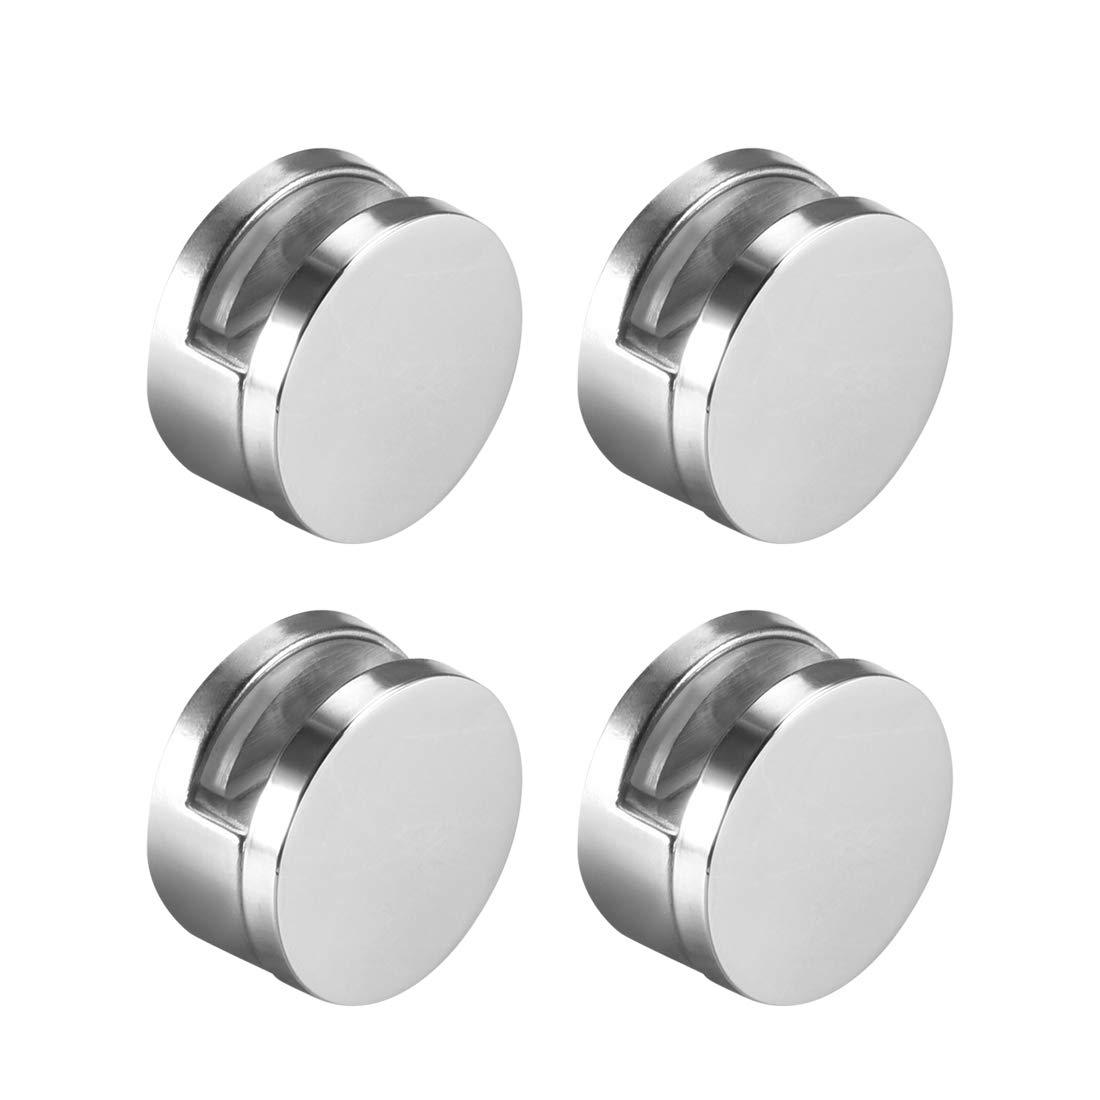 sourcing map Clips de miroir pour 10Pcs Verre en alliage zinc Colliers Clips ronde 6-7mm